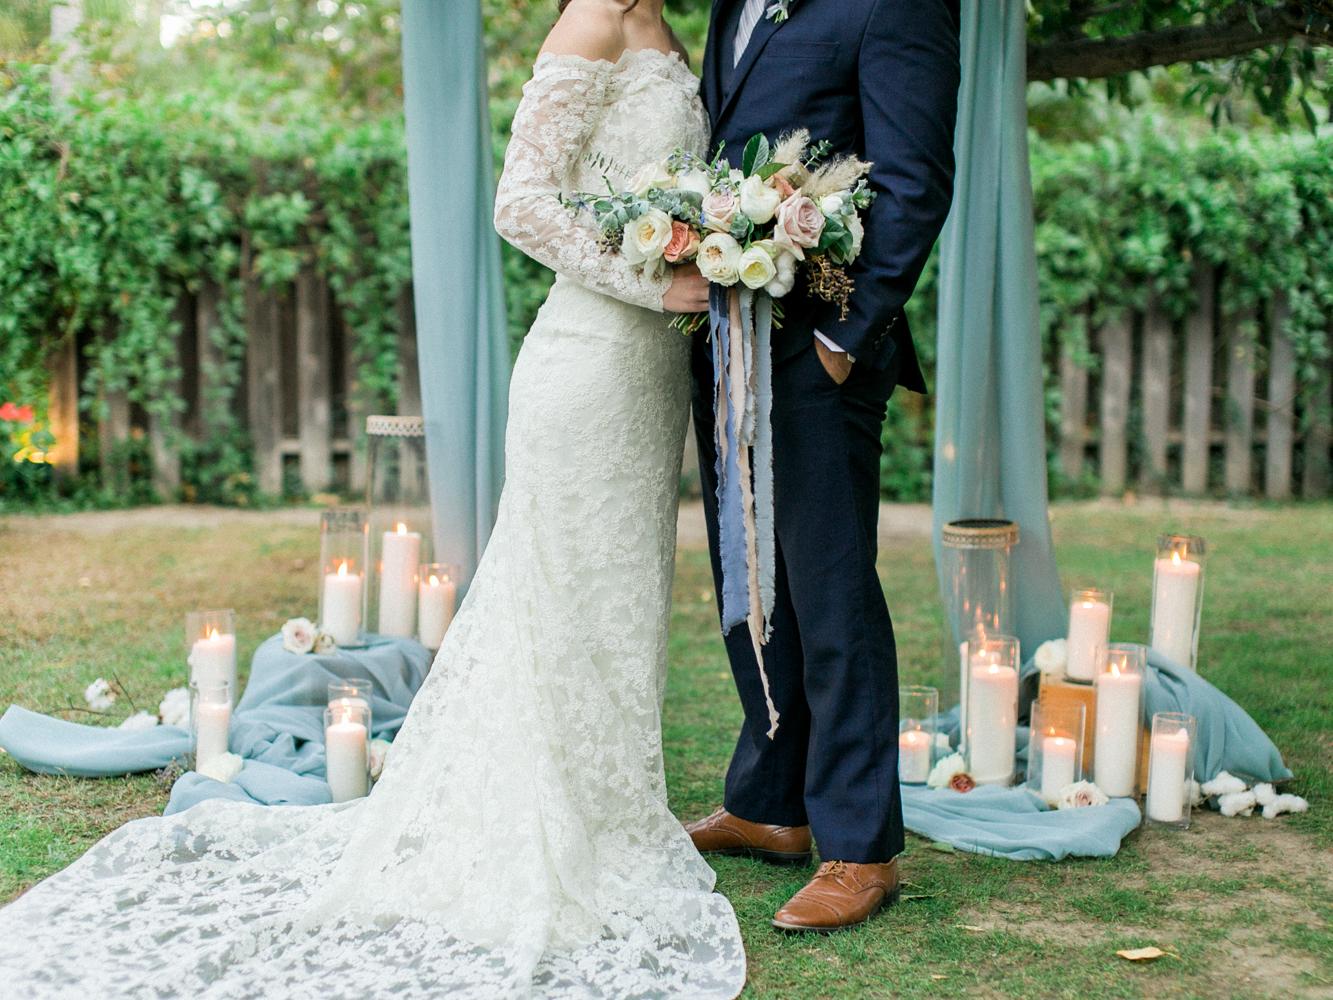 Ceremonia ślubna dekoracje, Dekoracje ślubne, Inspiracje ślubne, Pomysły ślubne, Motyw przewodni ślubu i wesela, Trendy ślubne, Kwiaty do ślubu, Kwiaty na stołach weselnych, Materiały graficzne, Kolor przewodni, Bukiet ślubny,